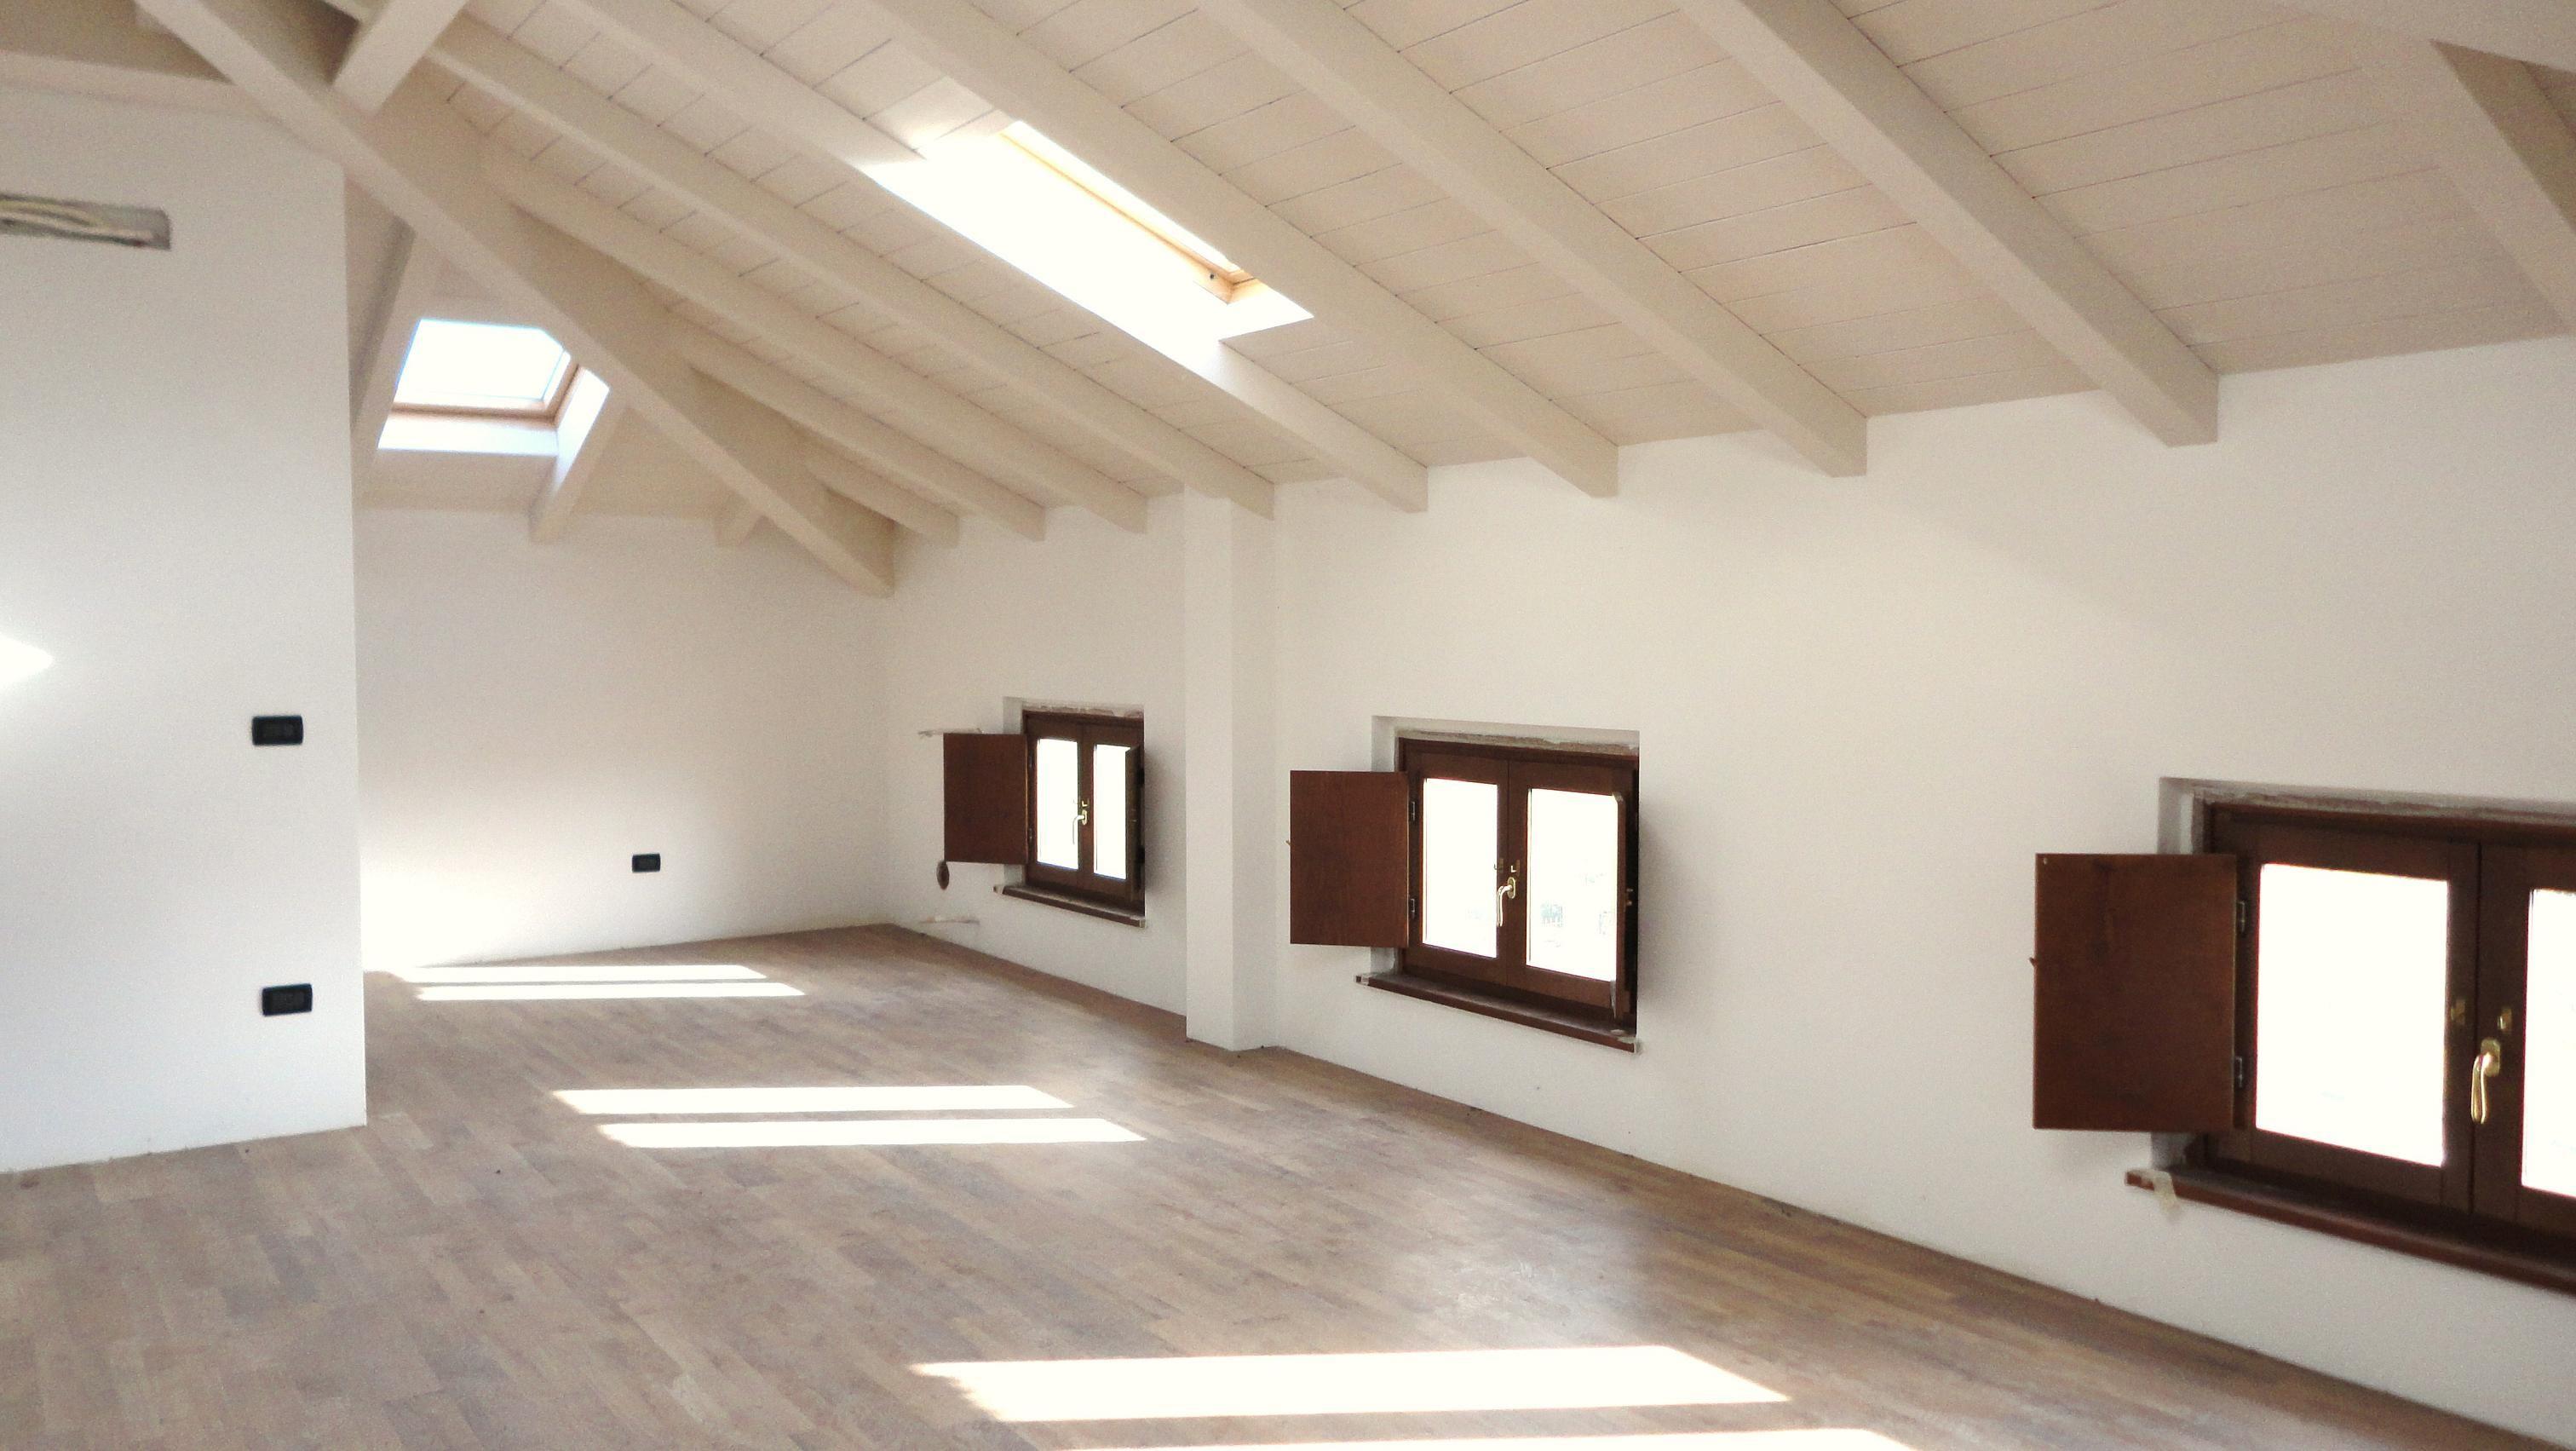 Come Sbiancare Il Legno sbiancamento soffitto in legno | home decor, home, furniture